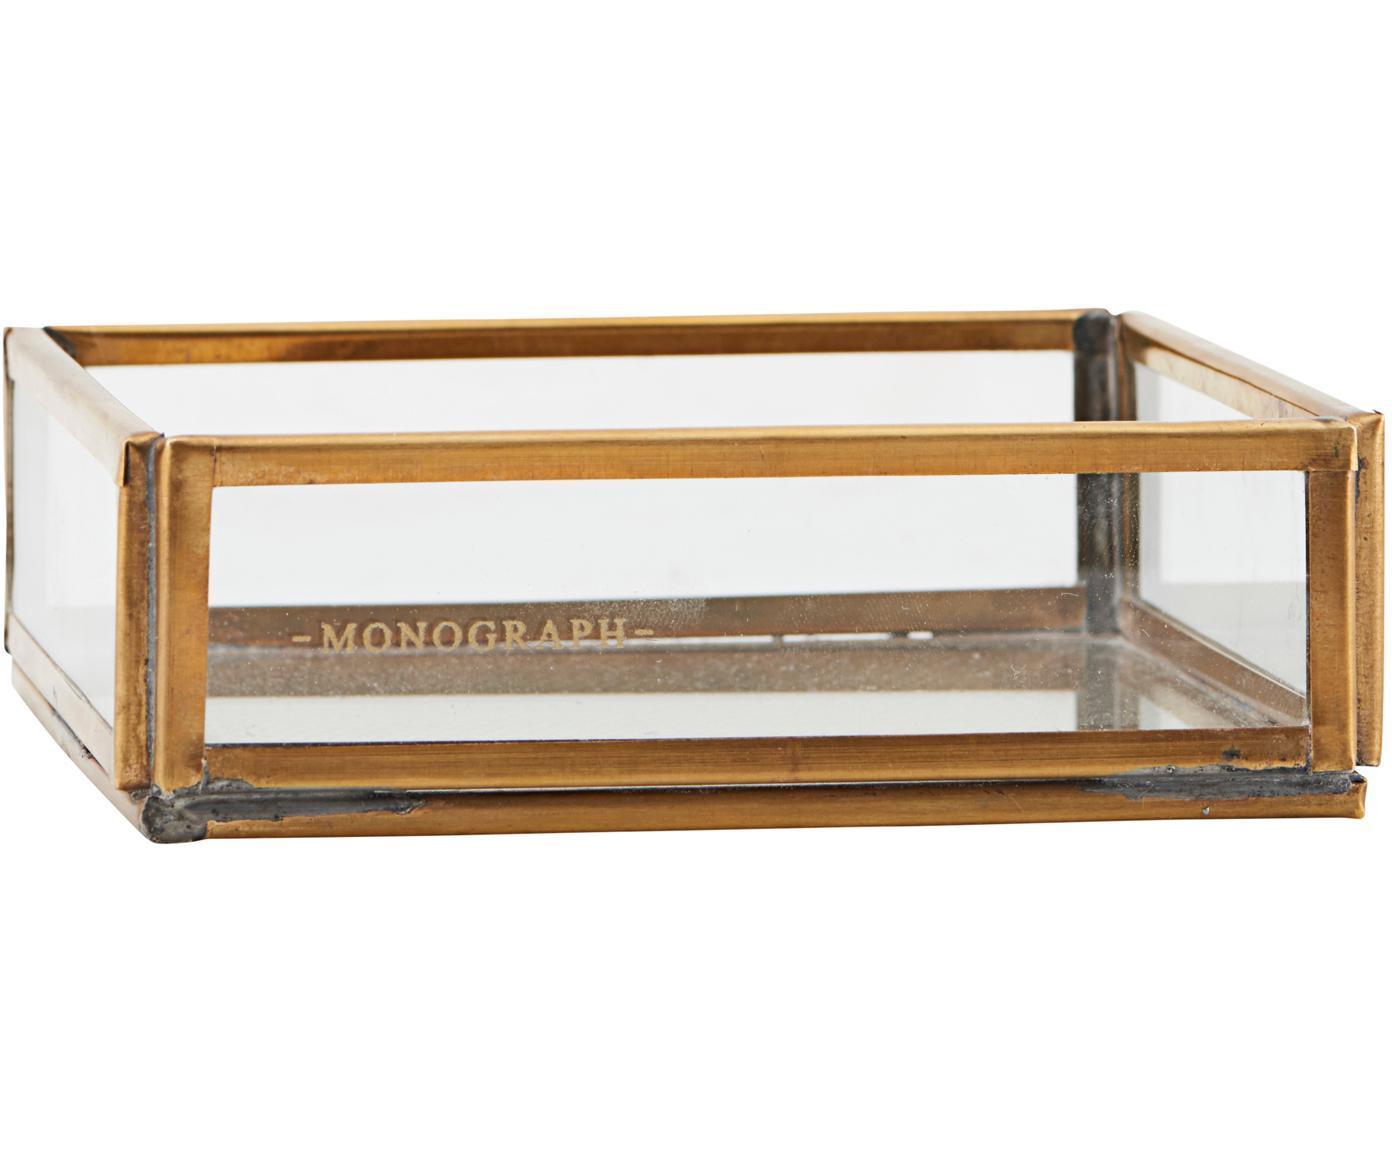 Organizer Sola, Messing, glas, Transparant, messingkleurig, 10 x 4 cm